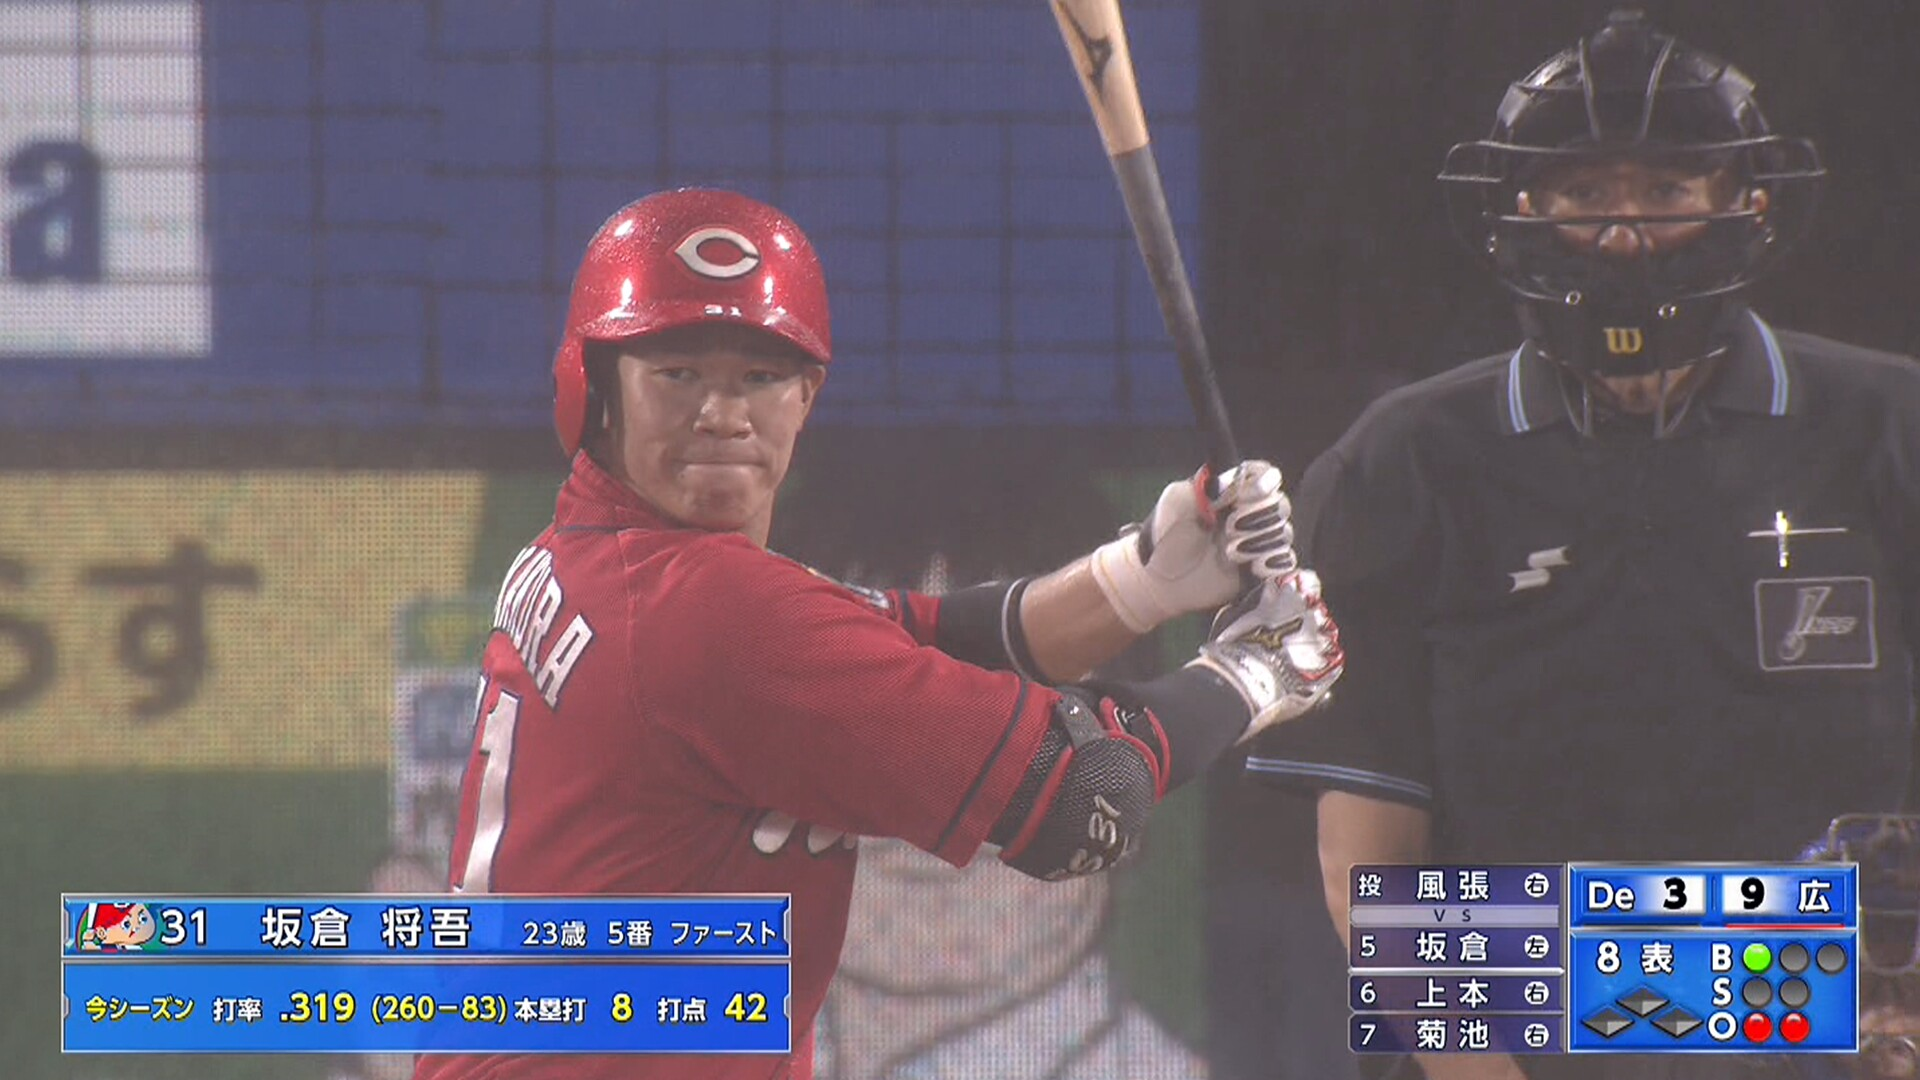 坂倉将吾(23).322 8本 出塁率.399 OPS.878 ← 規定まであと3打席